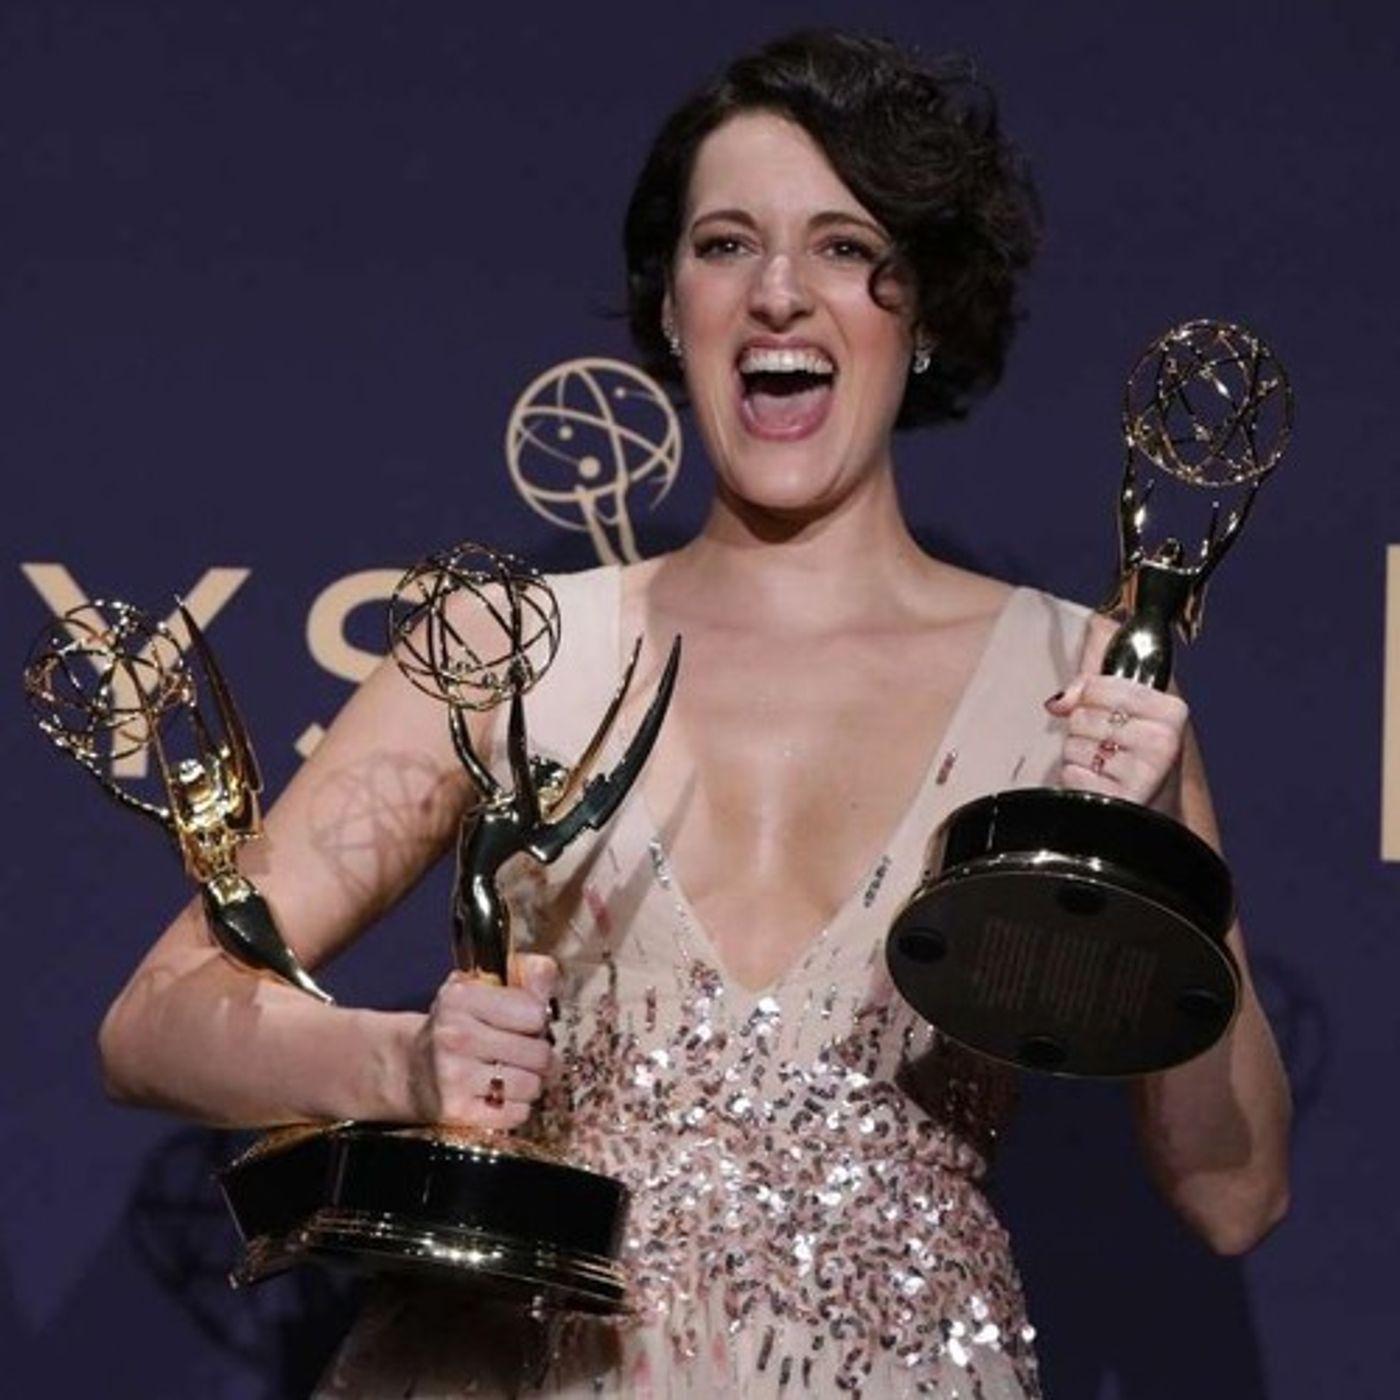 Ácida da Amazon, série 'Fleabag' é destaque do Emmy 2019 com 6 prêmios